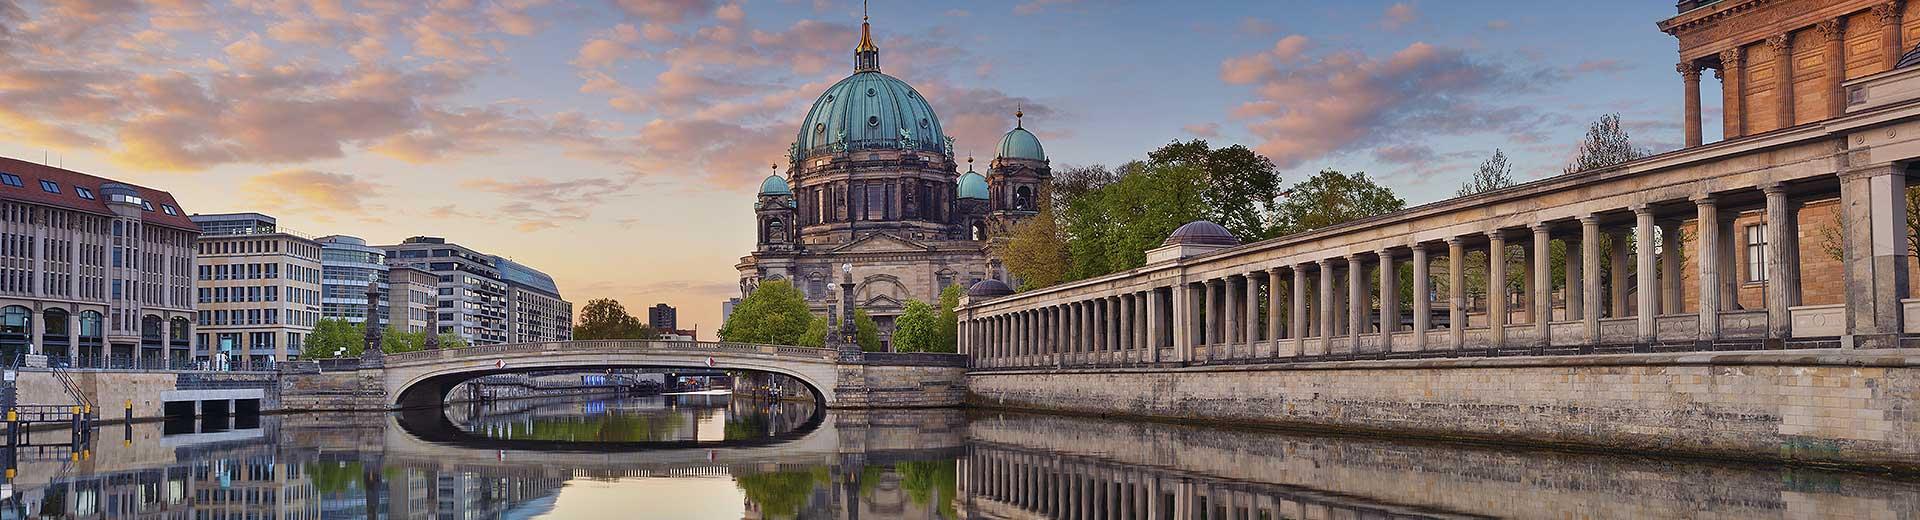 Gruppenreise Berlin - Package Gruppen Budget Flug